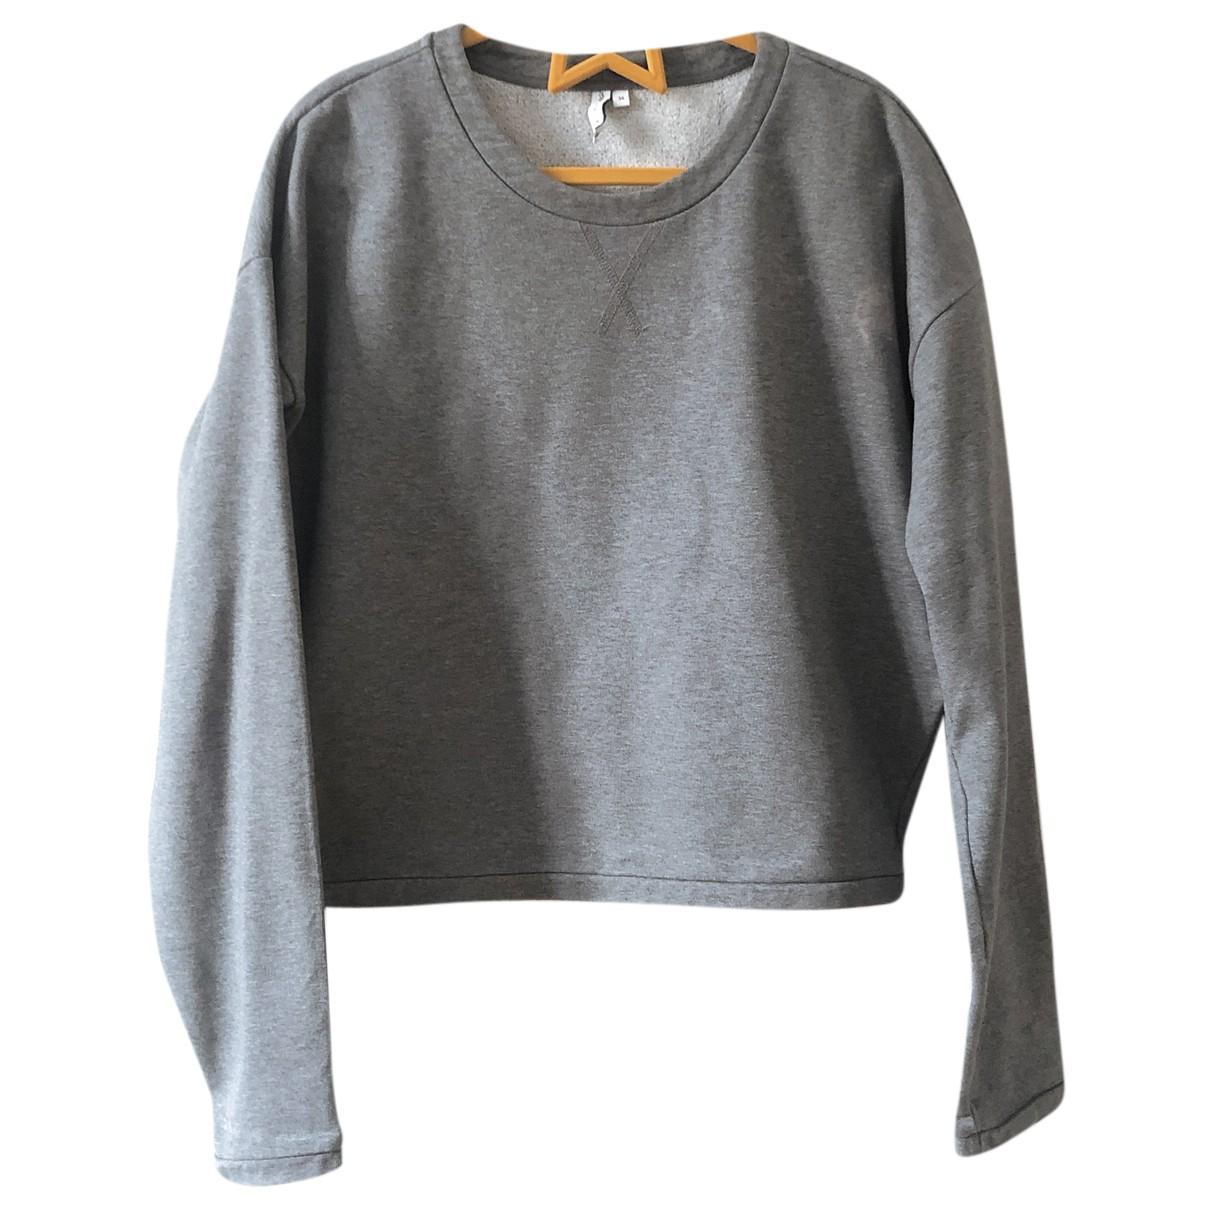 & Other Stories - Pull   pour femme en coton - gris